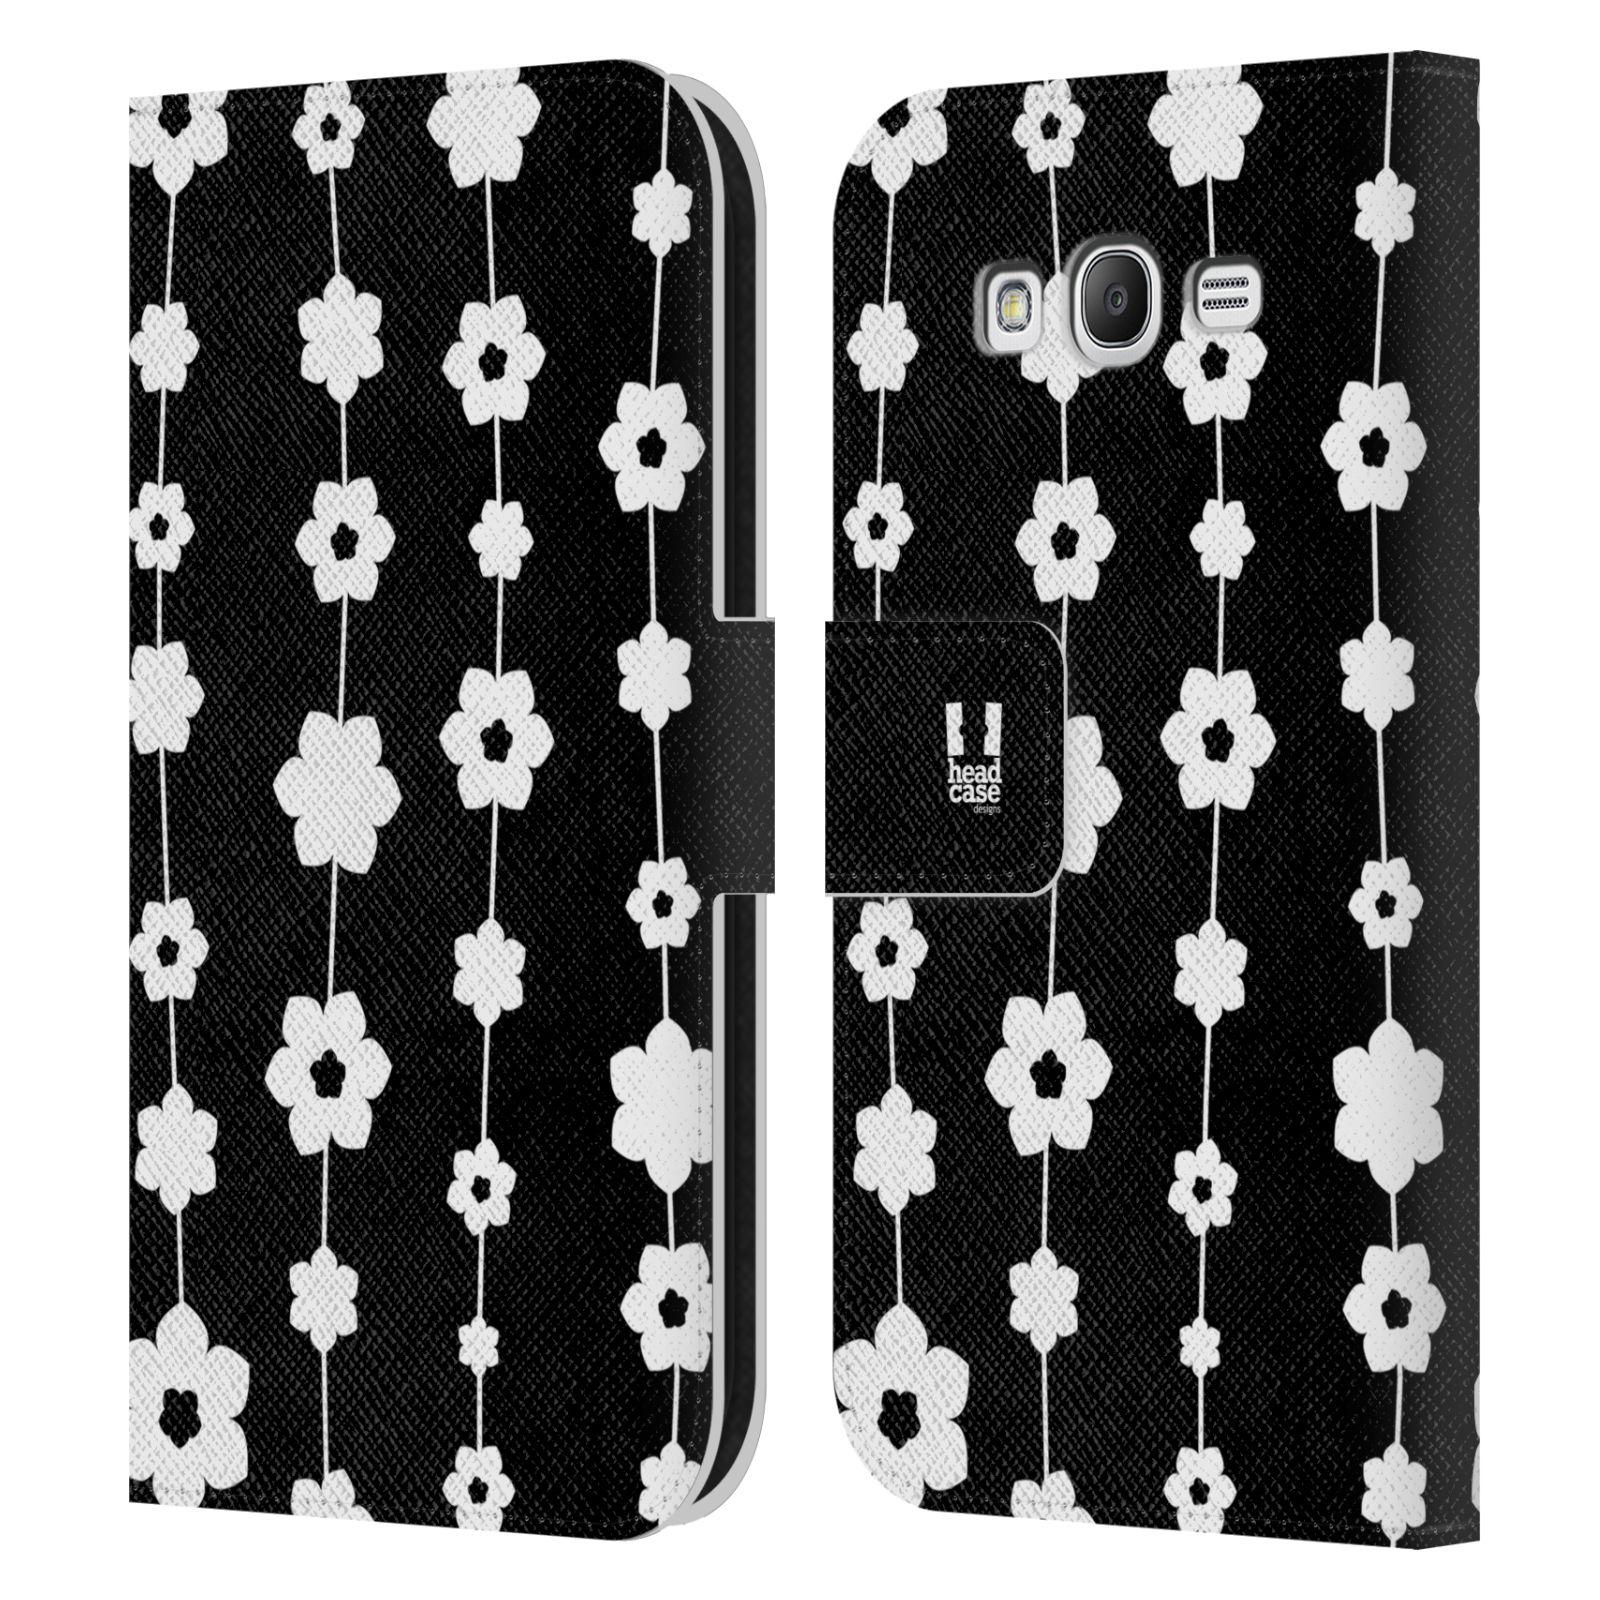 HEAD CASE Flipové pouzdro pro mobil Samsung Galaxy Grand i9080 ČERNOBÍLÁ KVĚTINA řetězec